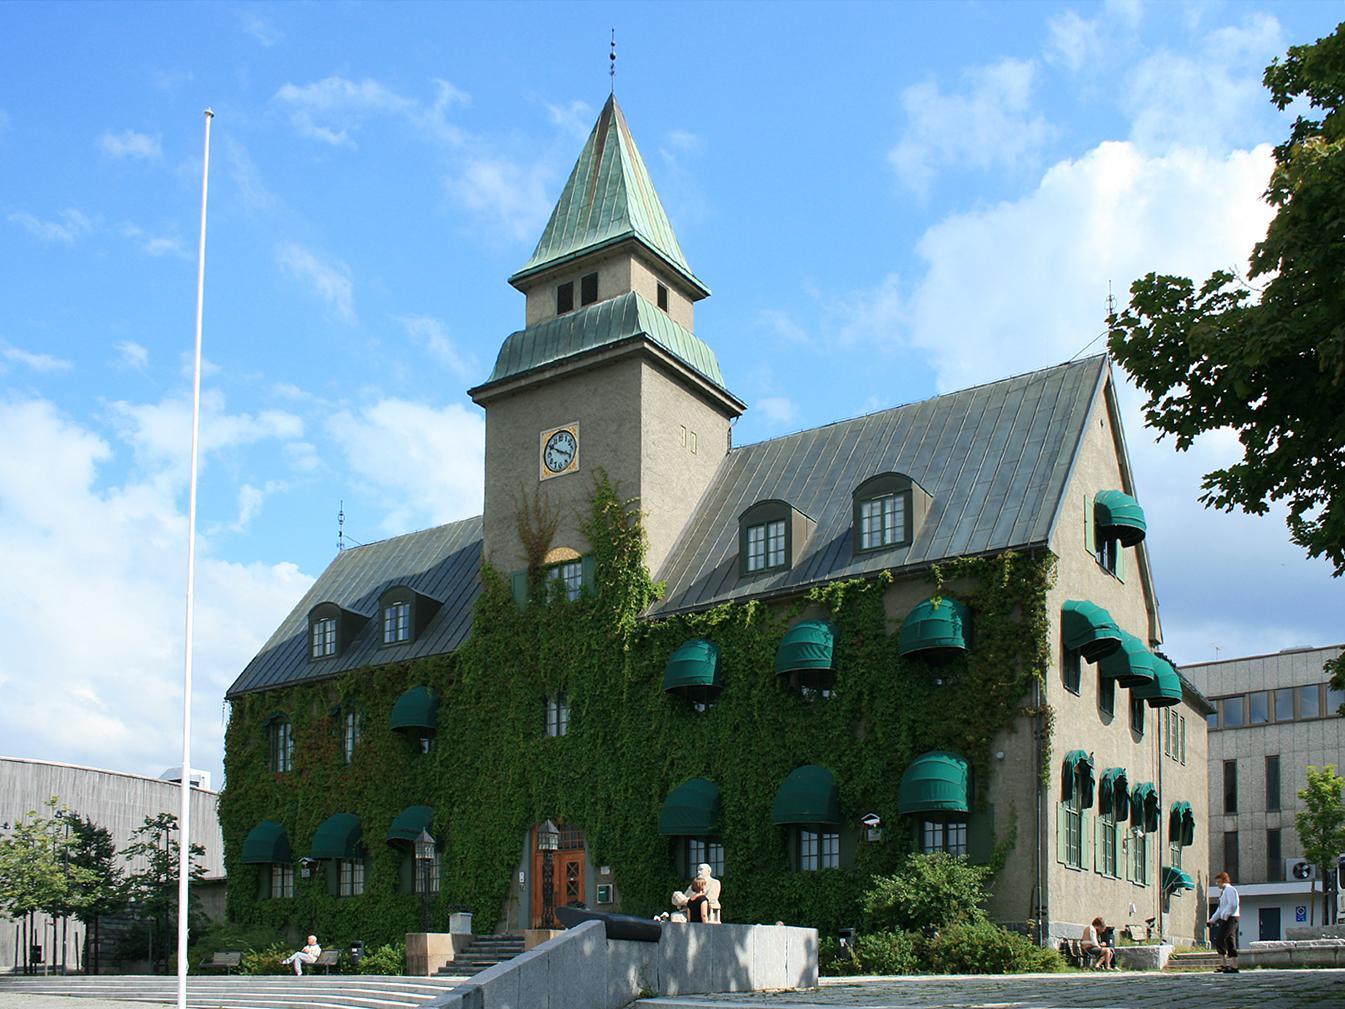 Bilde av Norges Banks avdelingskontor på Lillehammer. Foto: Mahlum (public domain), via Wikimedia Commons